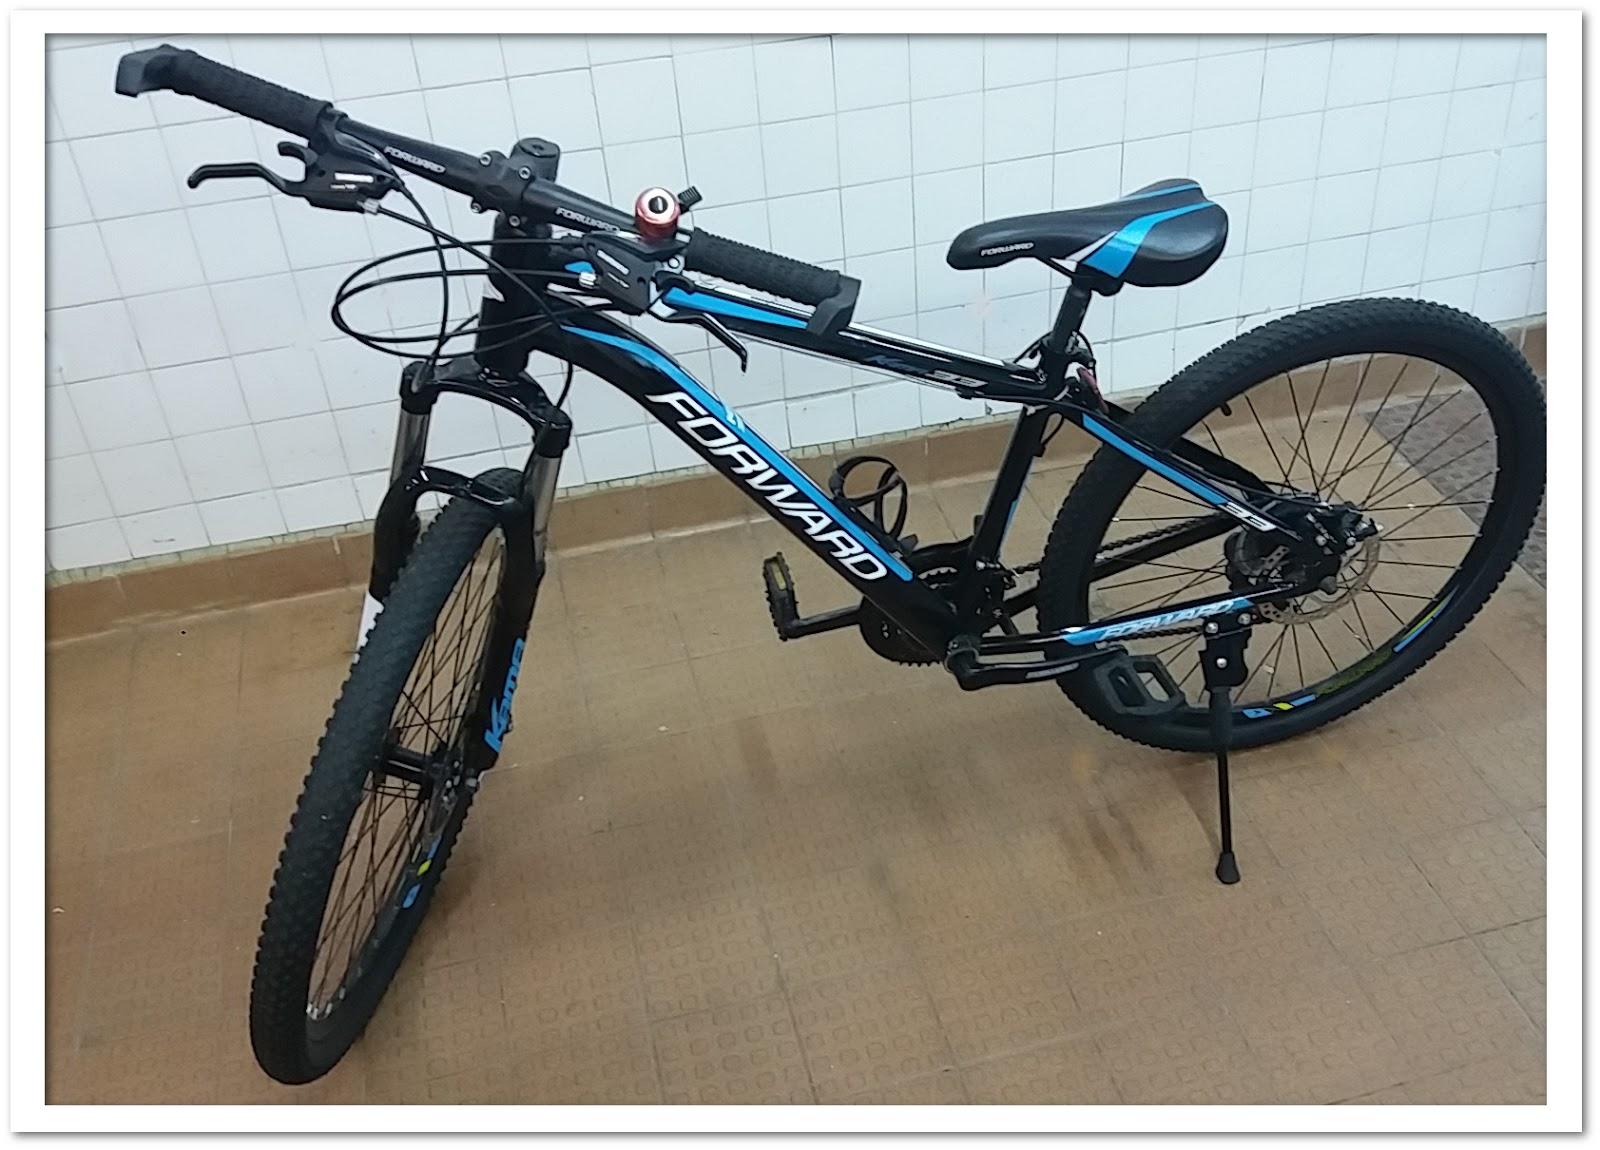 Beverly Cycle 富康單車: 將軍澳富康單車 - 日出康城單車徑 ( 景林邨街市 租單車服務 / Bike Rental )